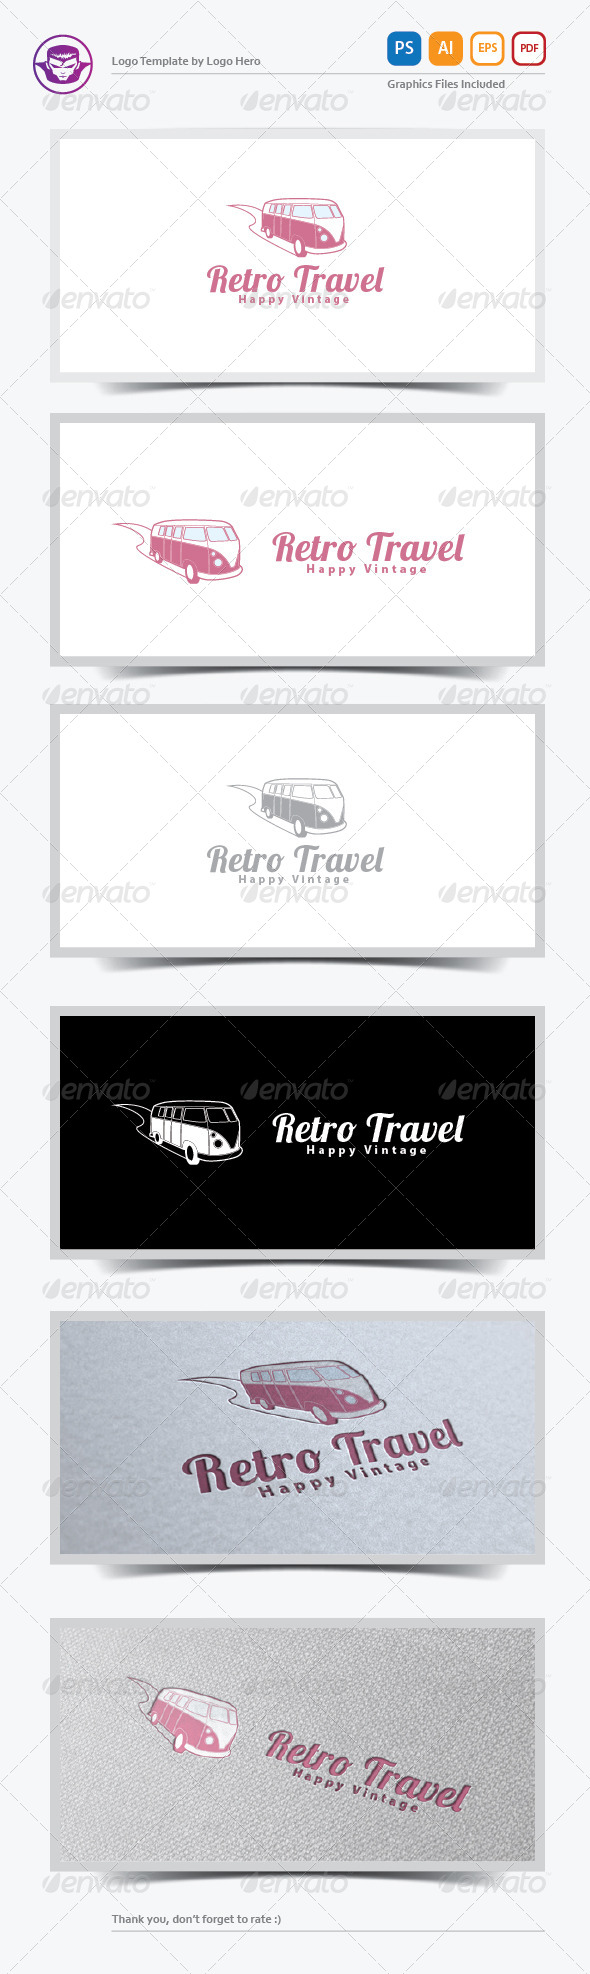 GraphicRiver Retro Travel Logo Template 5892477